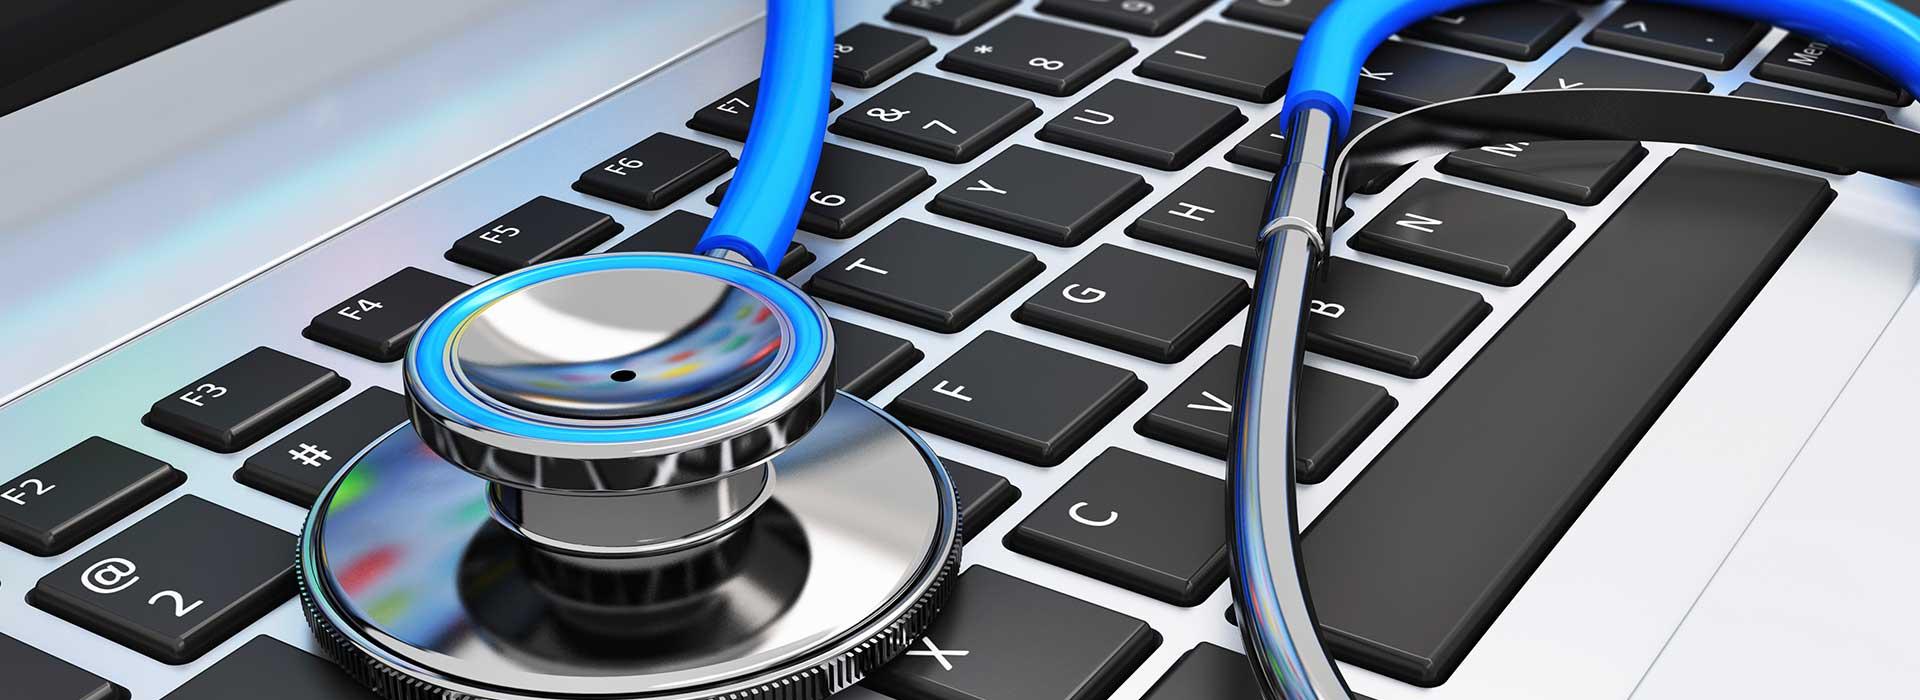 Macbook-repair-koramangala